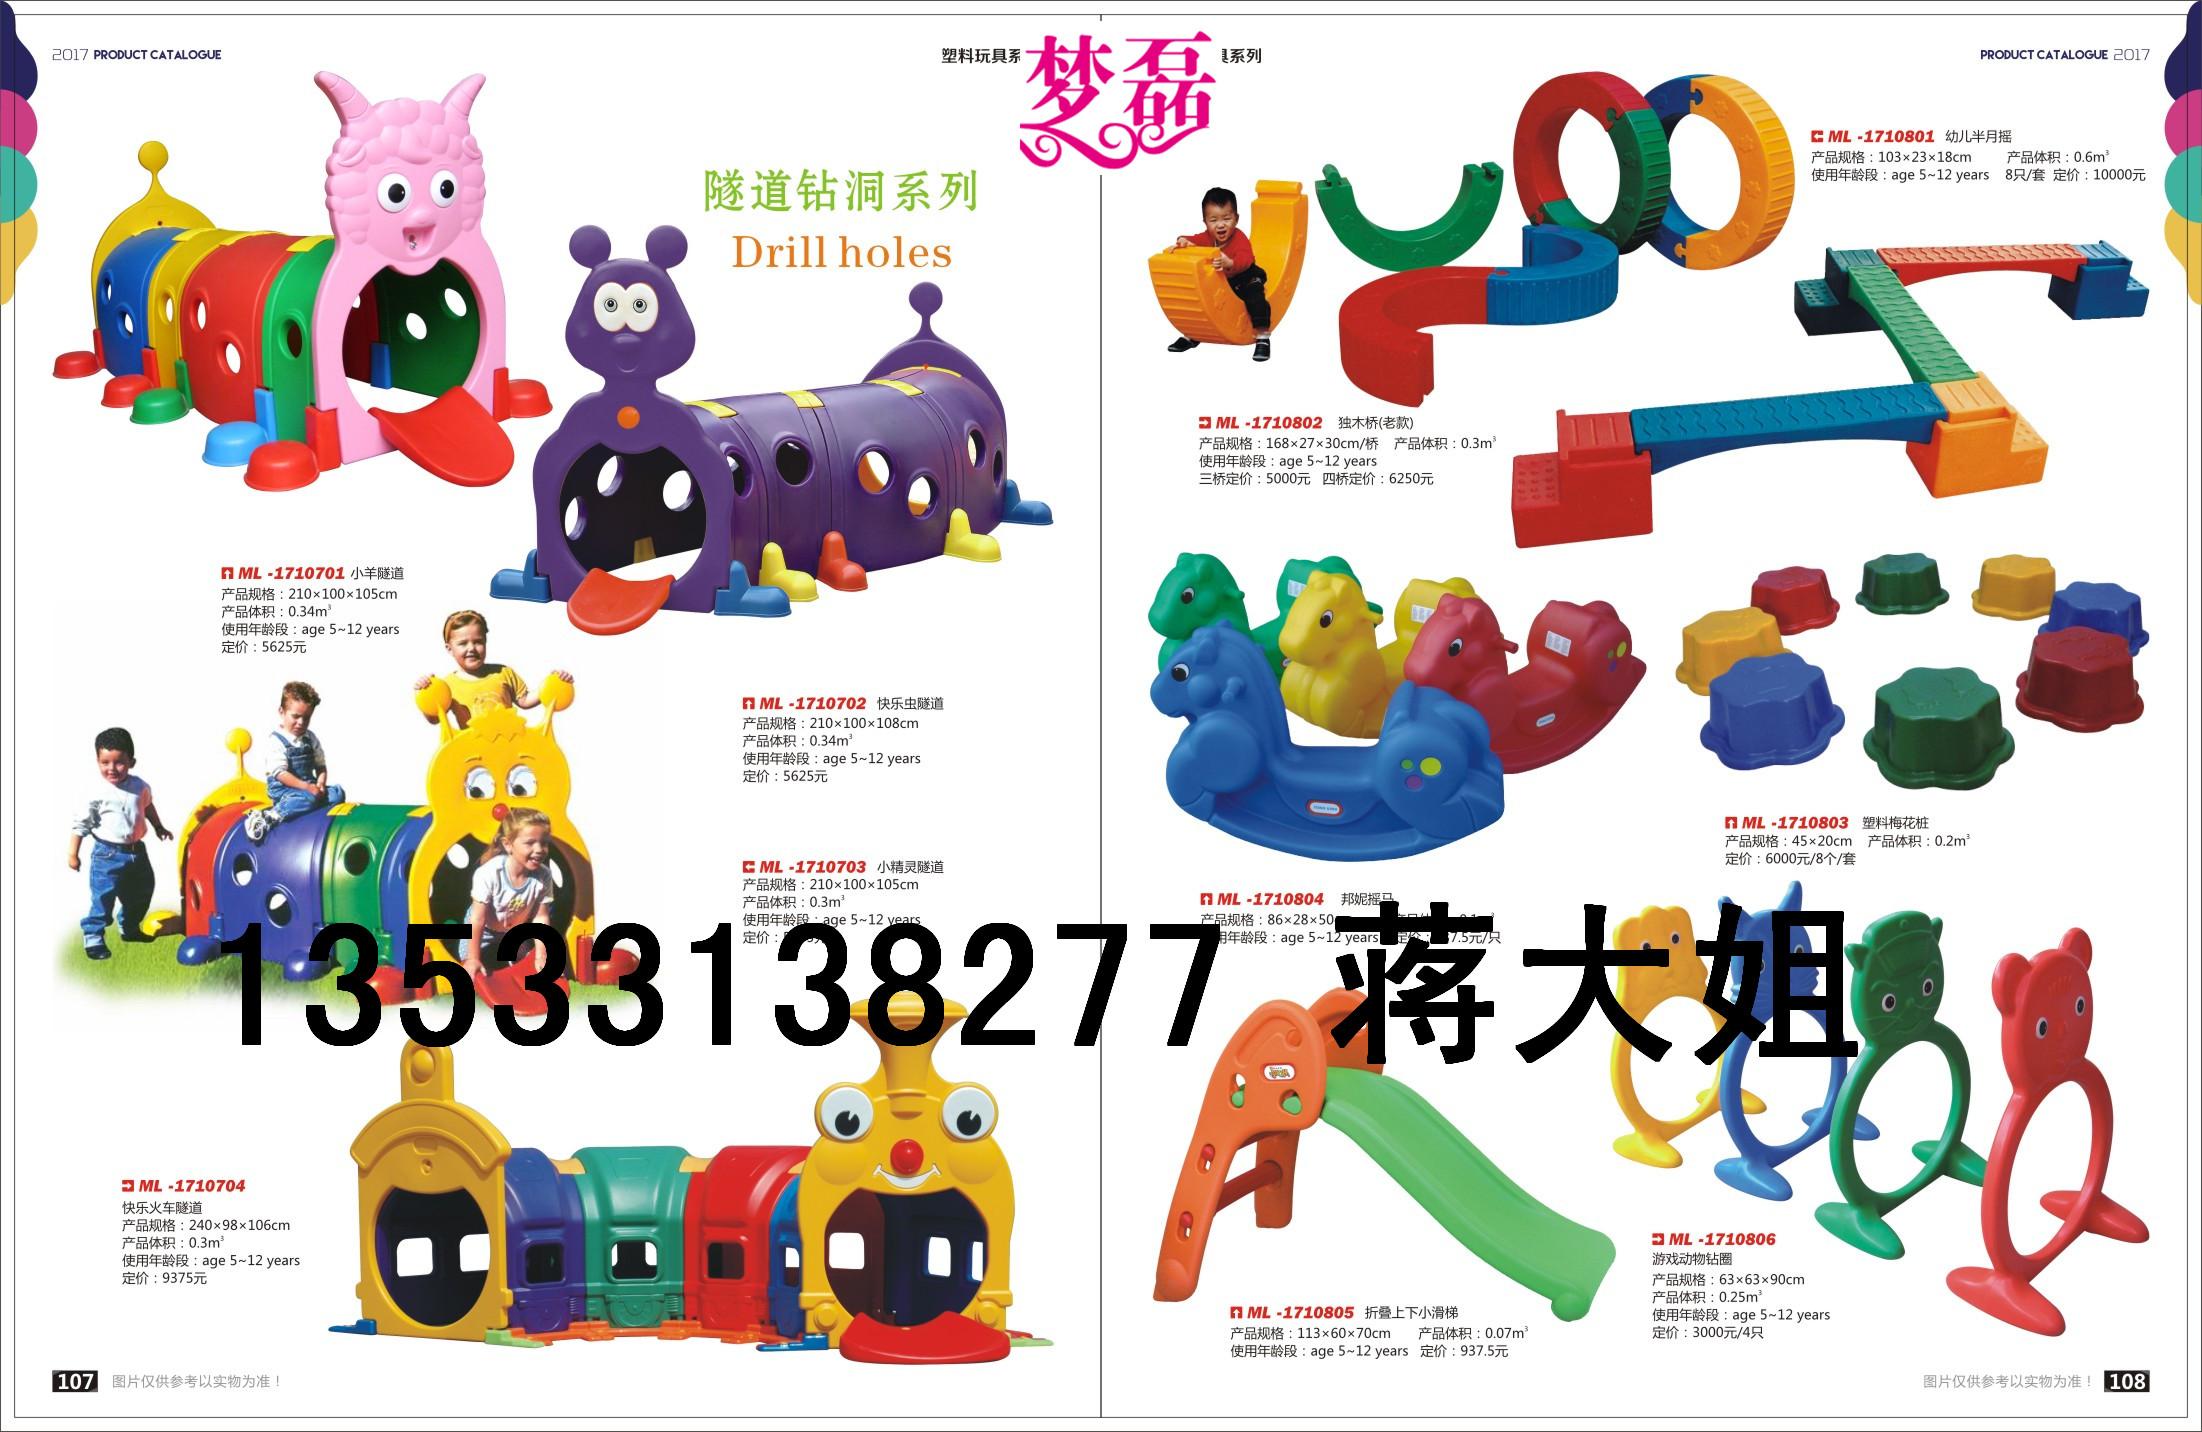 幼儿系列幼@童玩具@幼儿益智塑料玩具@建筑结构拼合装配玩具